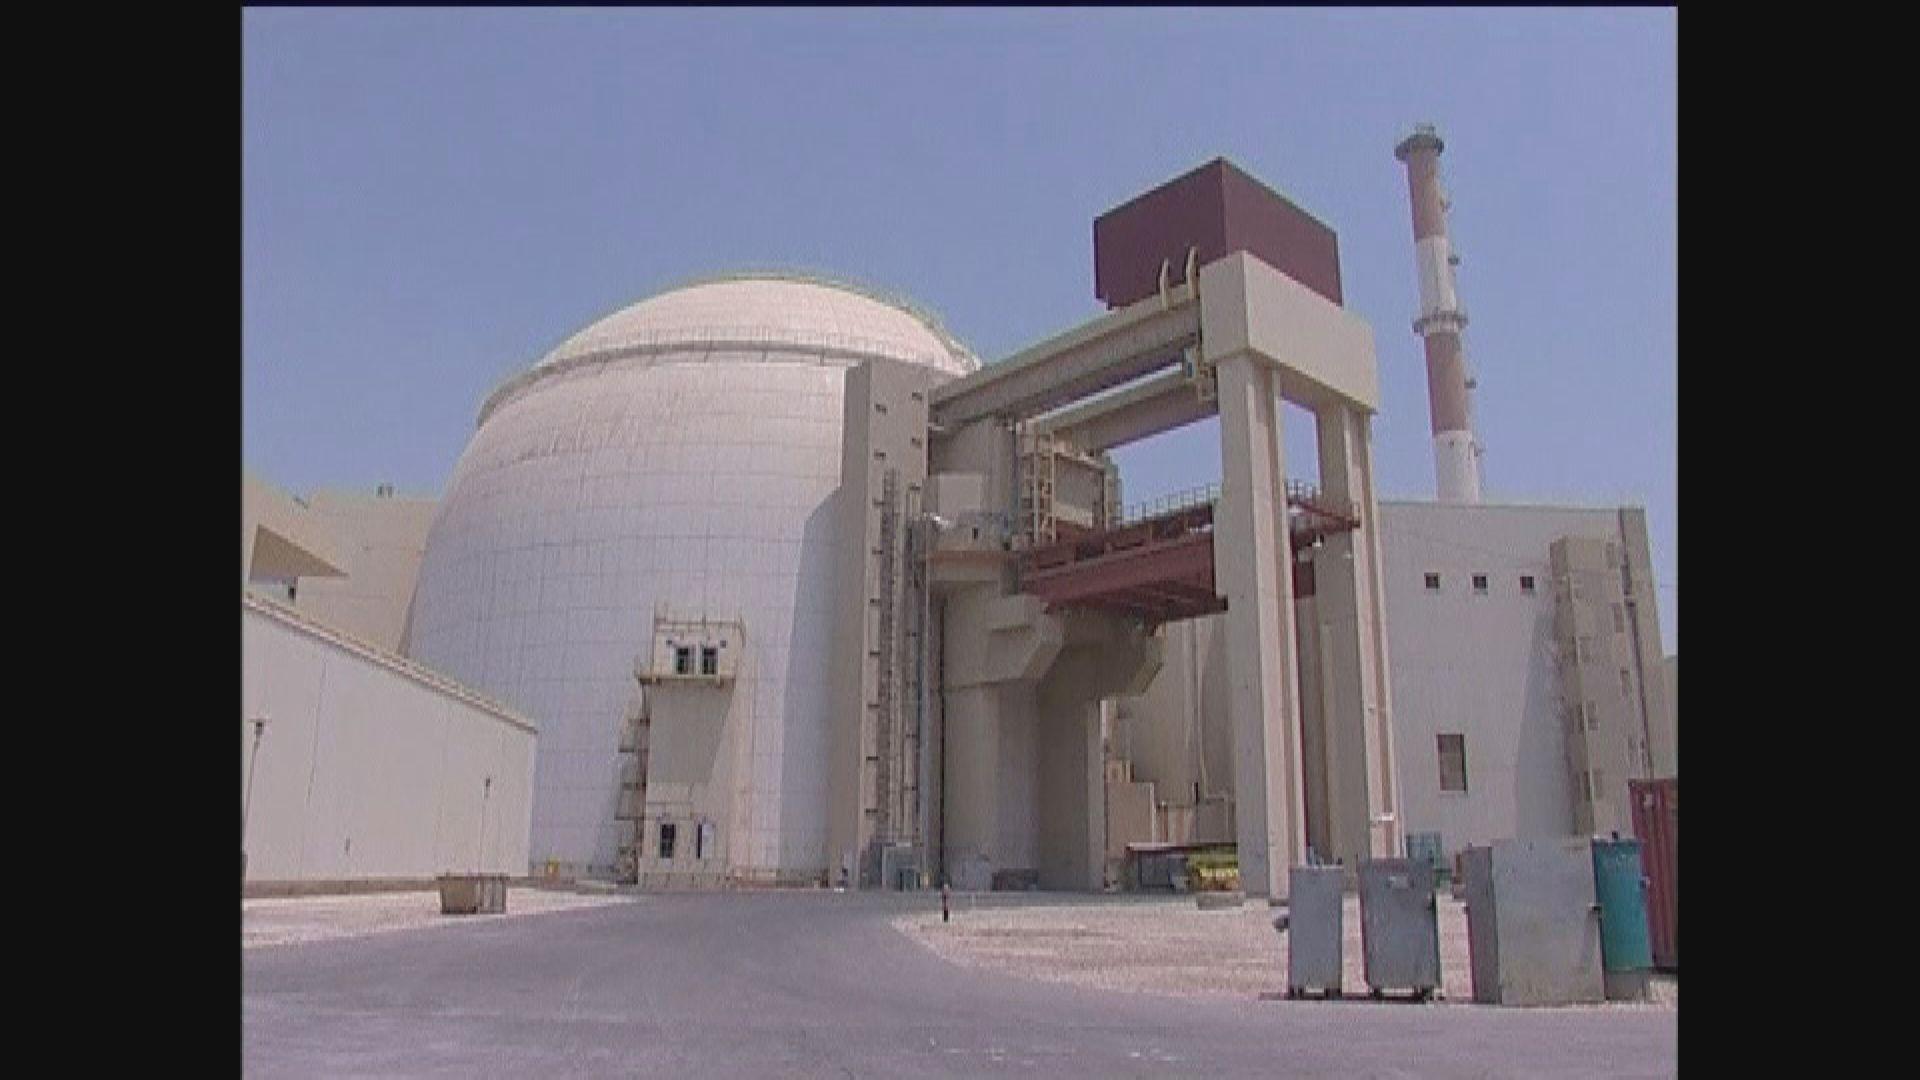 伊朗警告下一步將提升濃縮鈾濃度